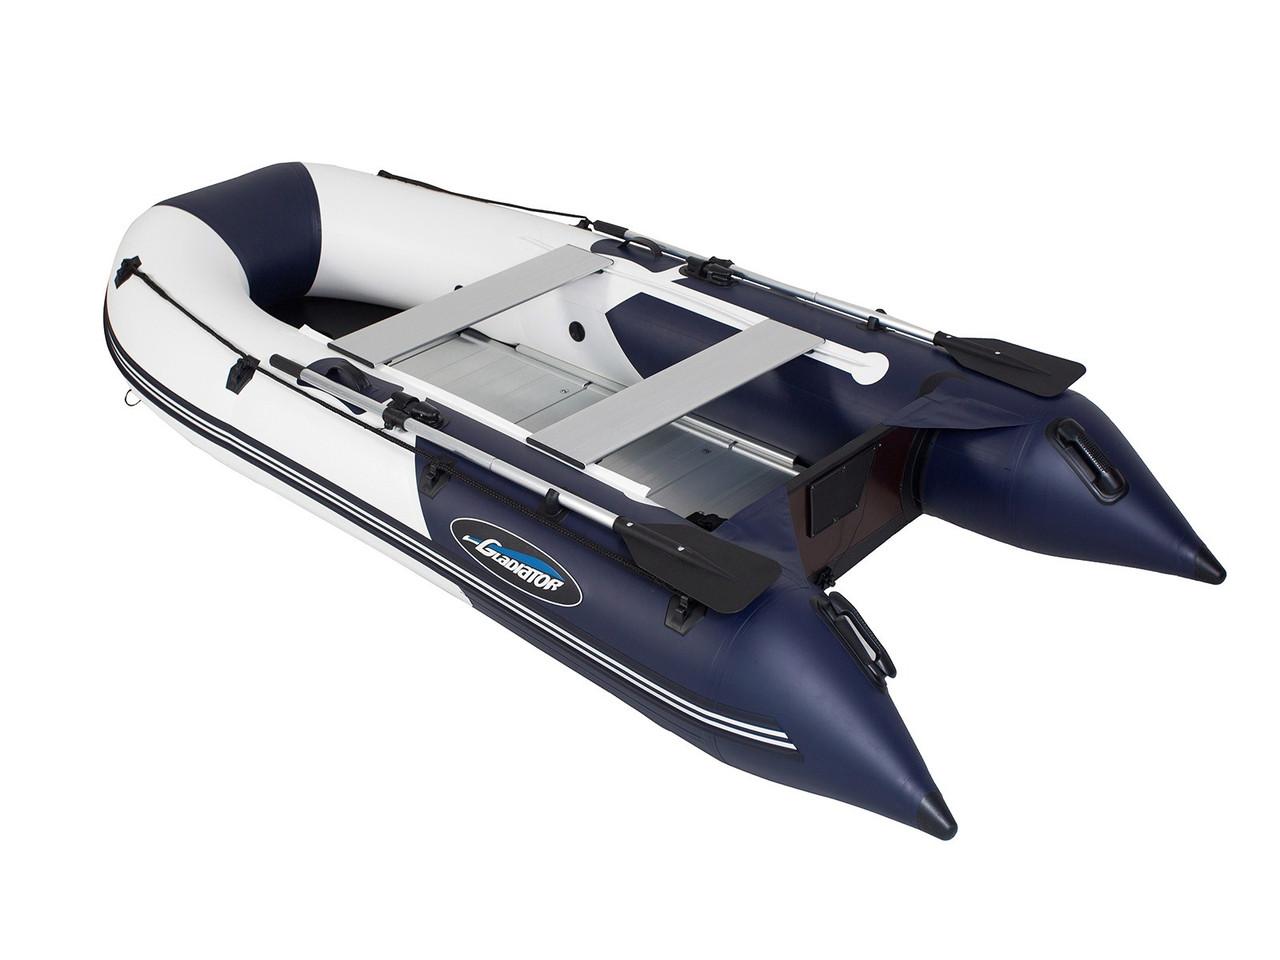 Моторная лодка ПВХ GLADIATOR B 300 AL с алюминиевым полом